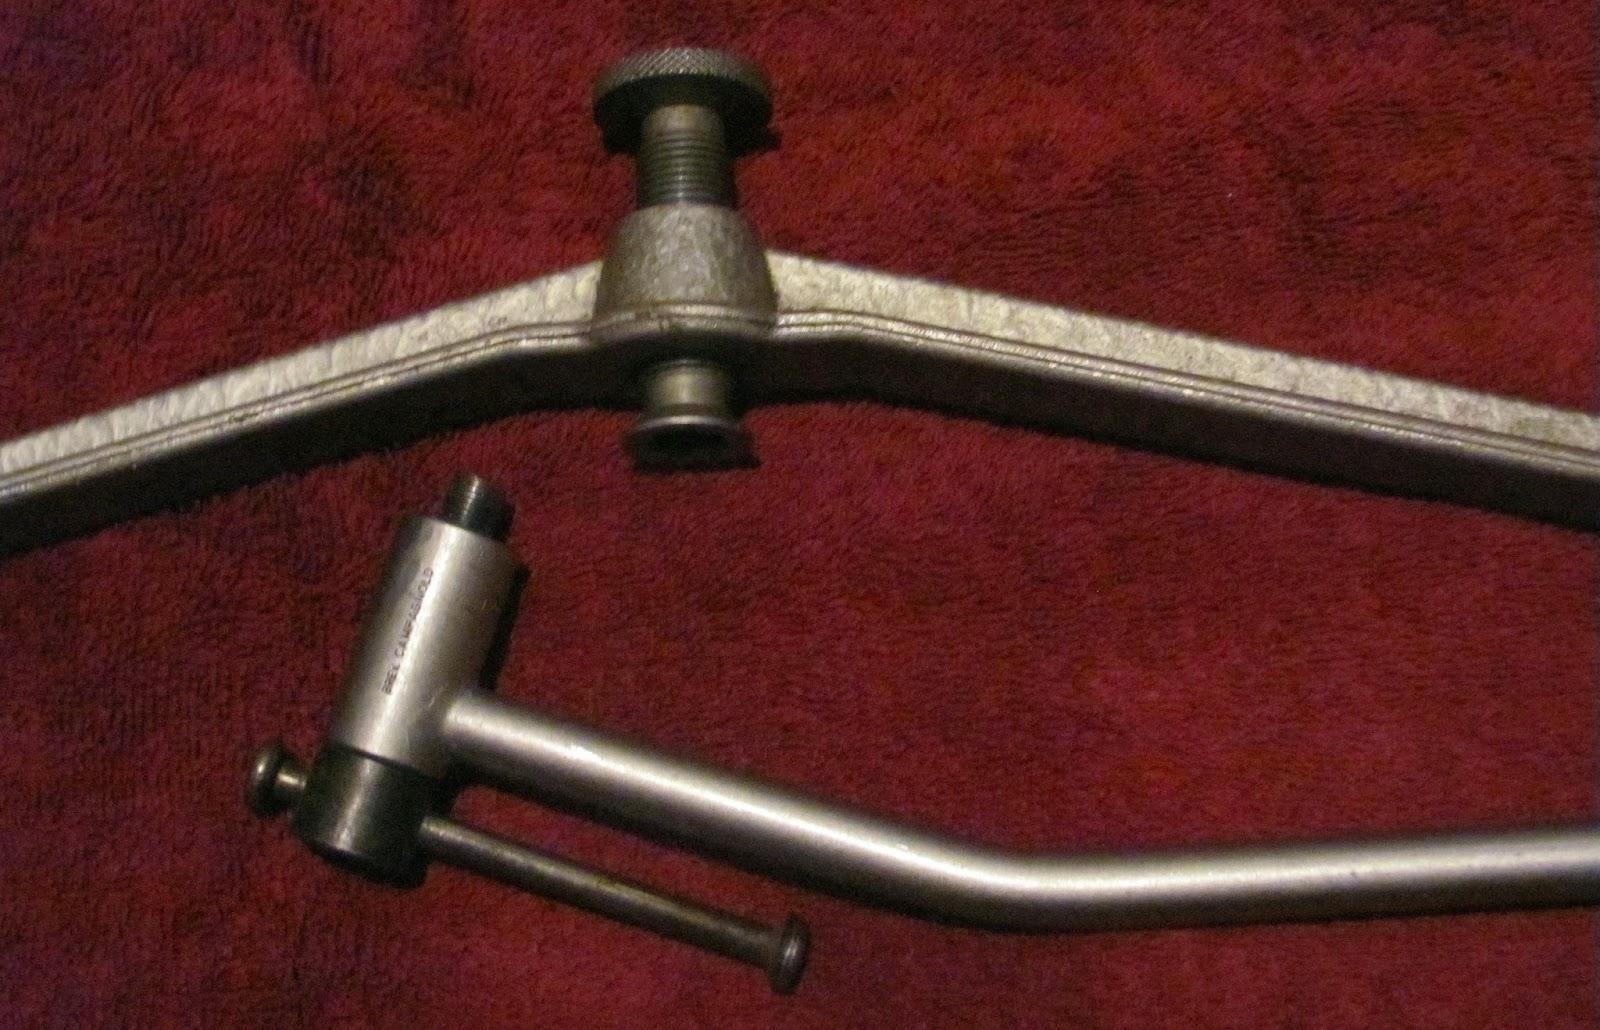 Dishing tool cardboard wheel dishing tool top and